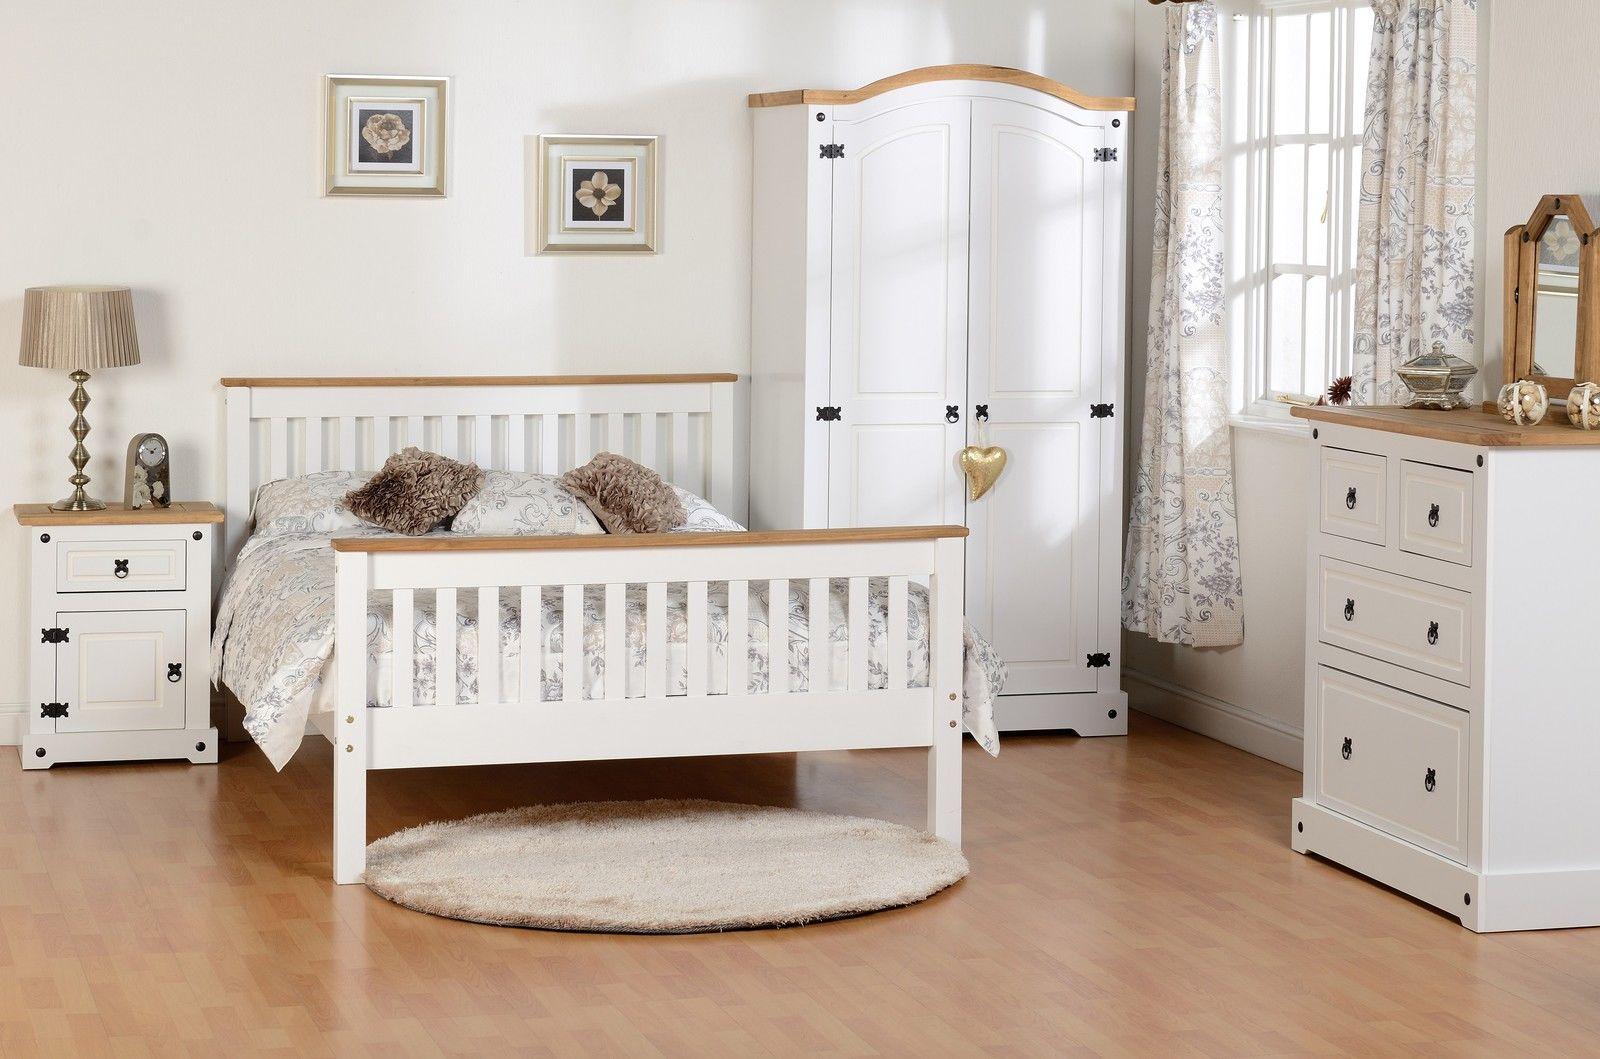 Furniture | Cosyhomefurniture | Blackburn